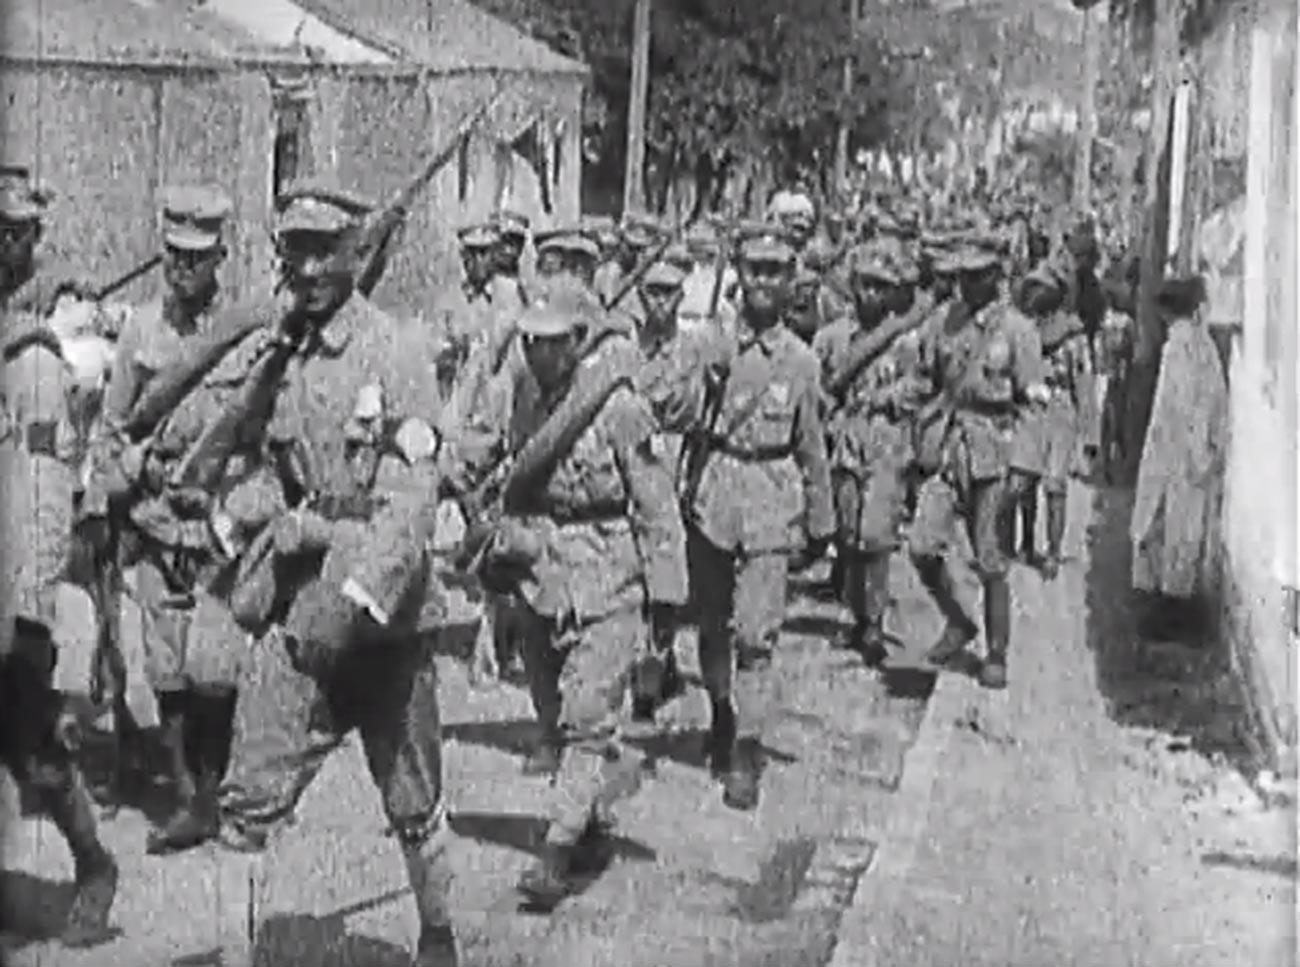 Marš Nacionalno-revolucionarne vojske.